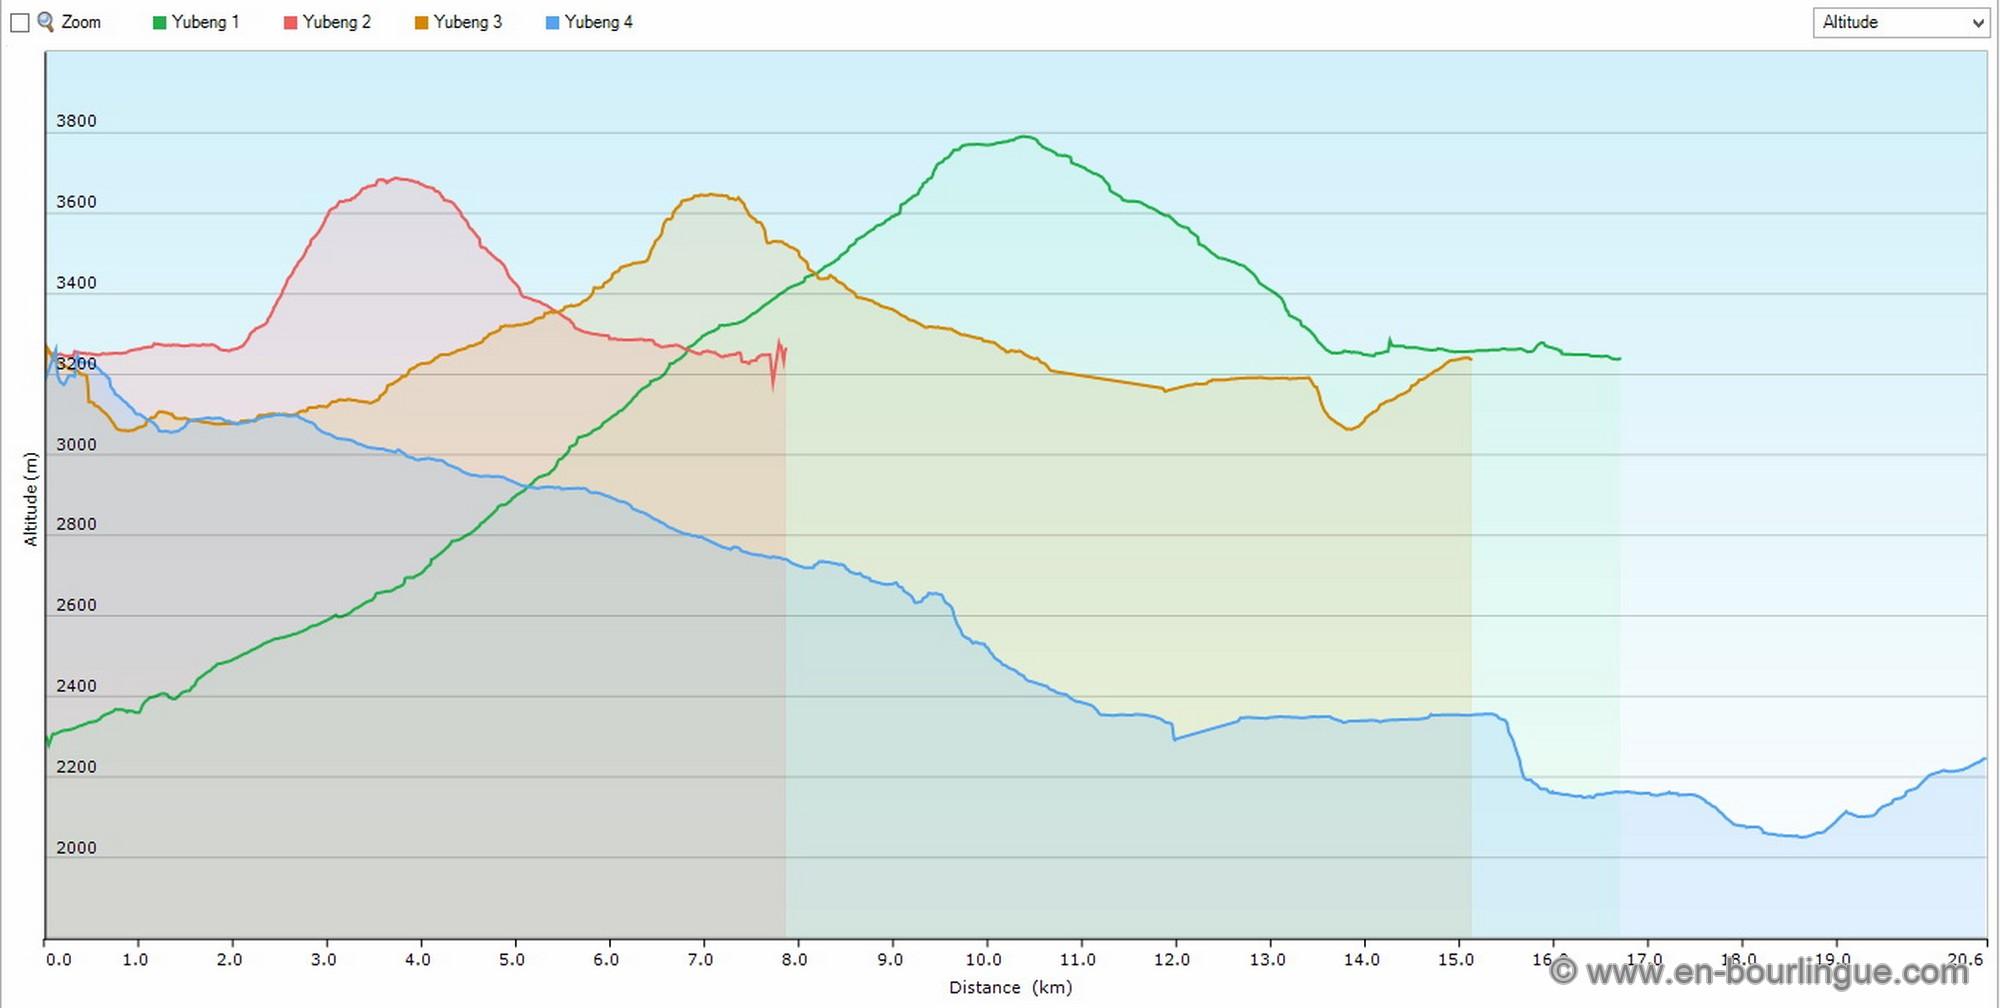 Yubeng Tot - Graph